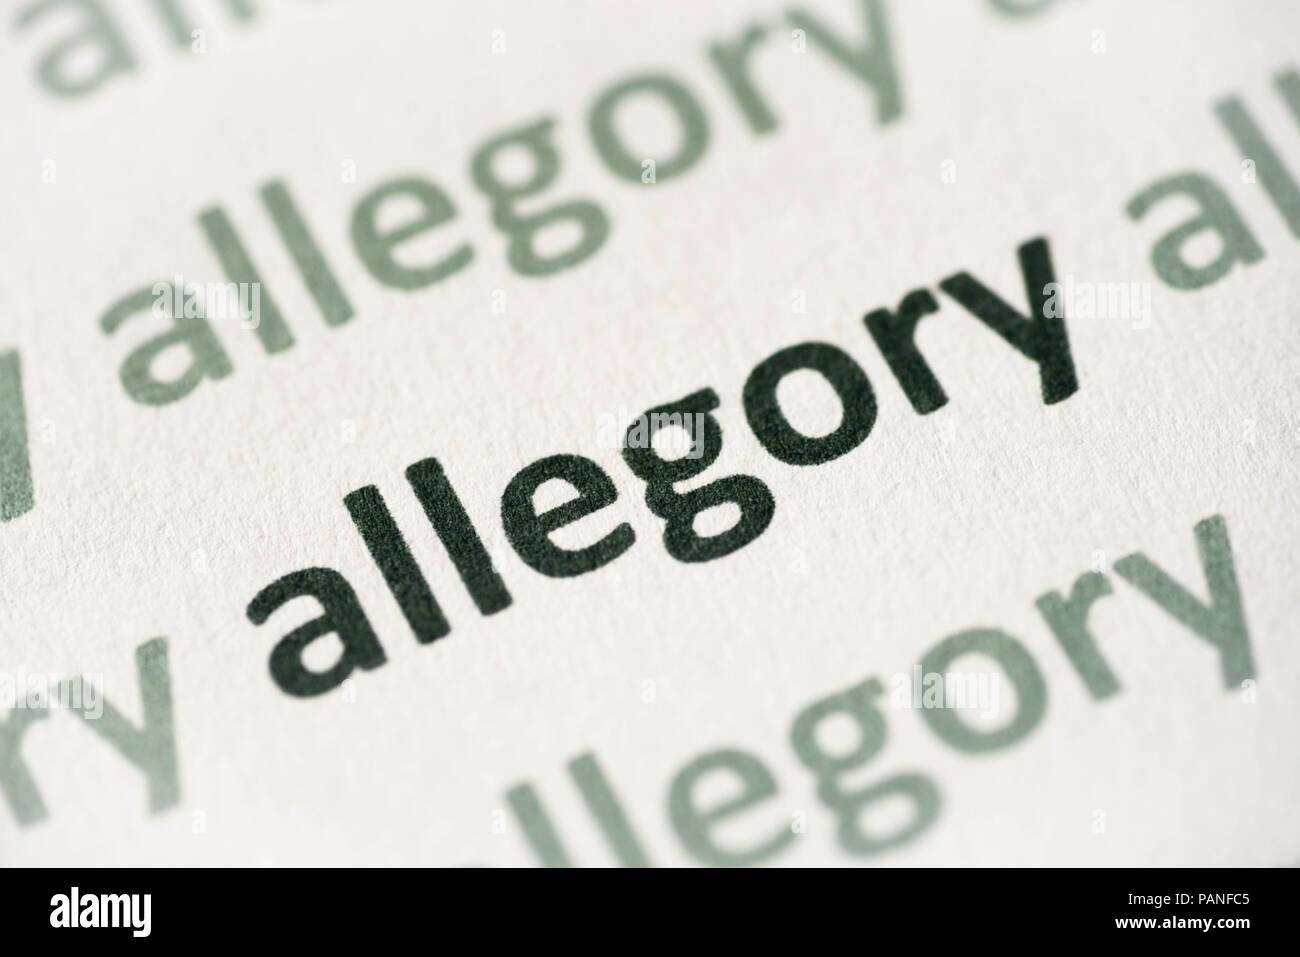 Wort Allegorie auf weißem Papier Makro gedruckt Stockbild